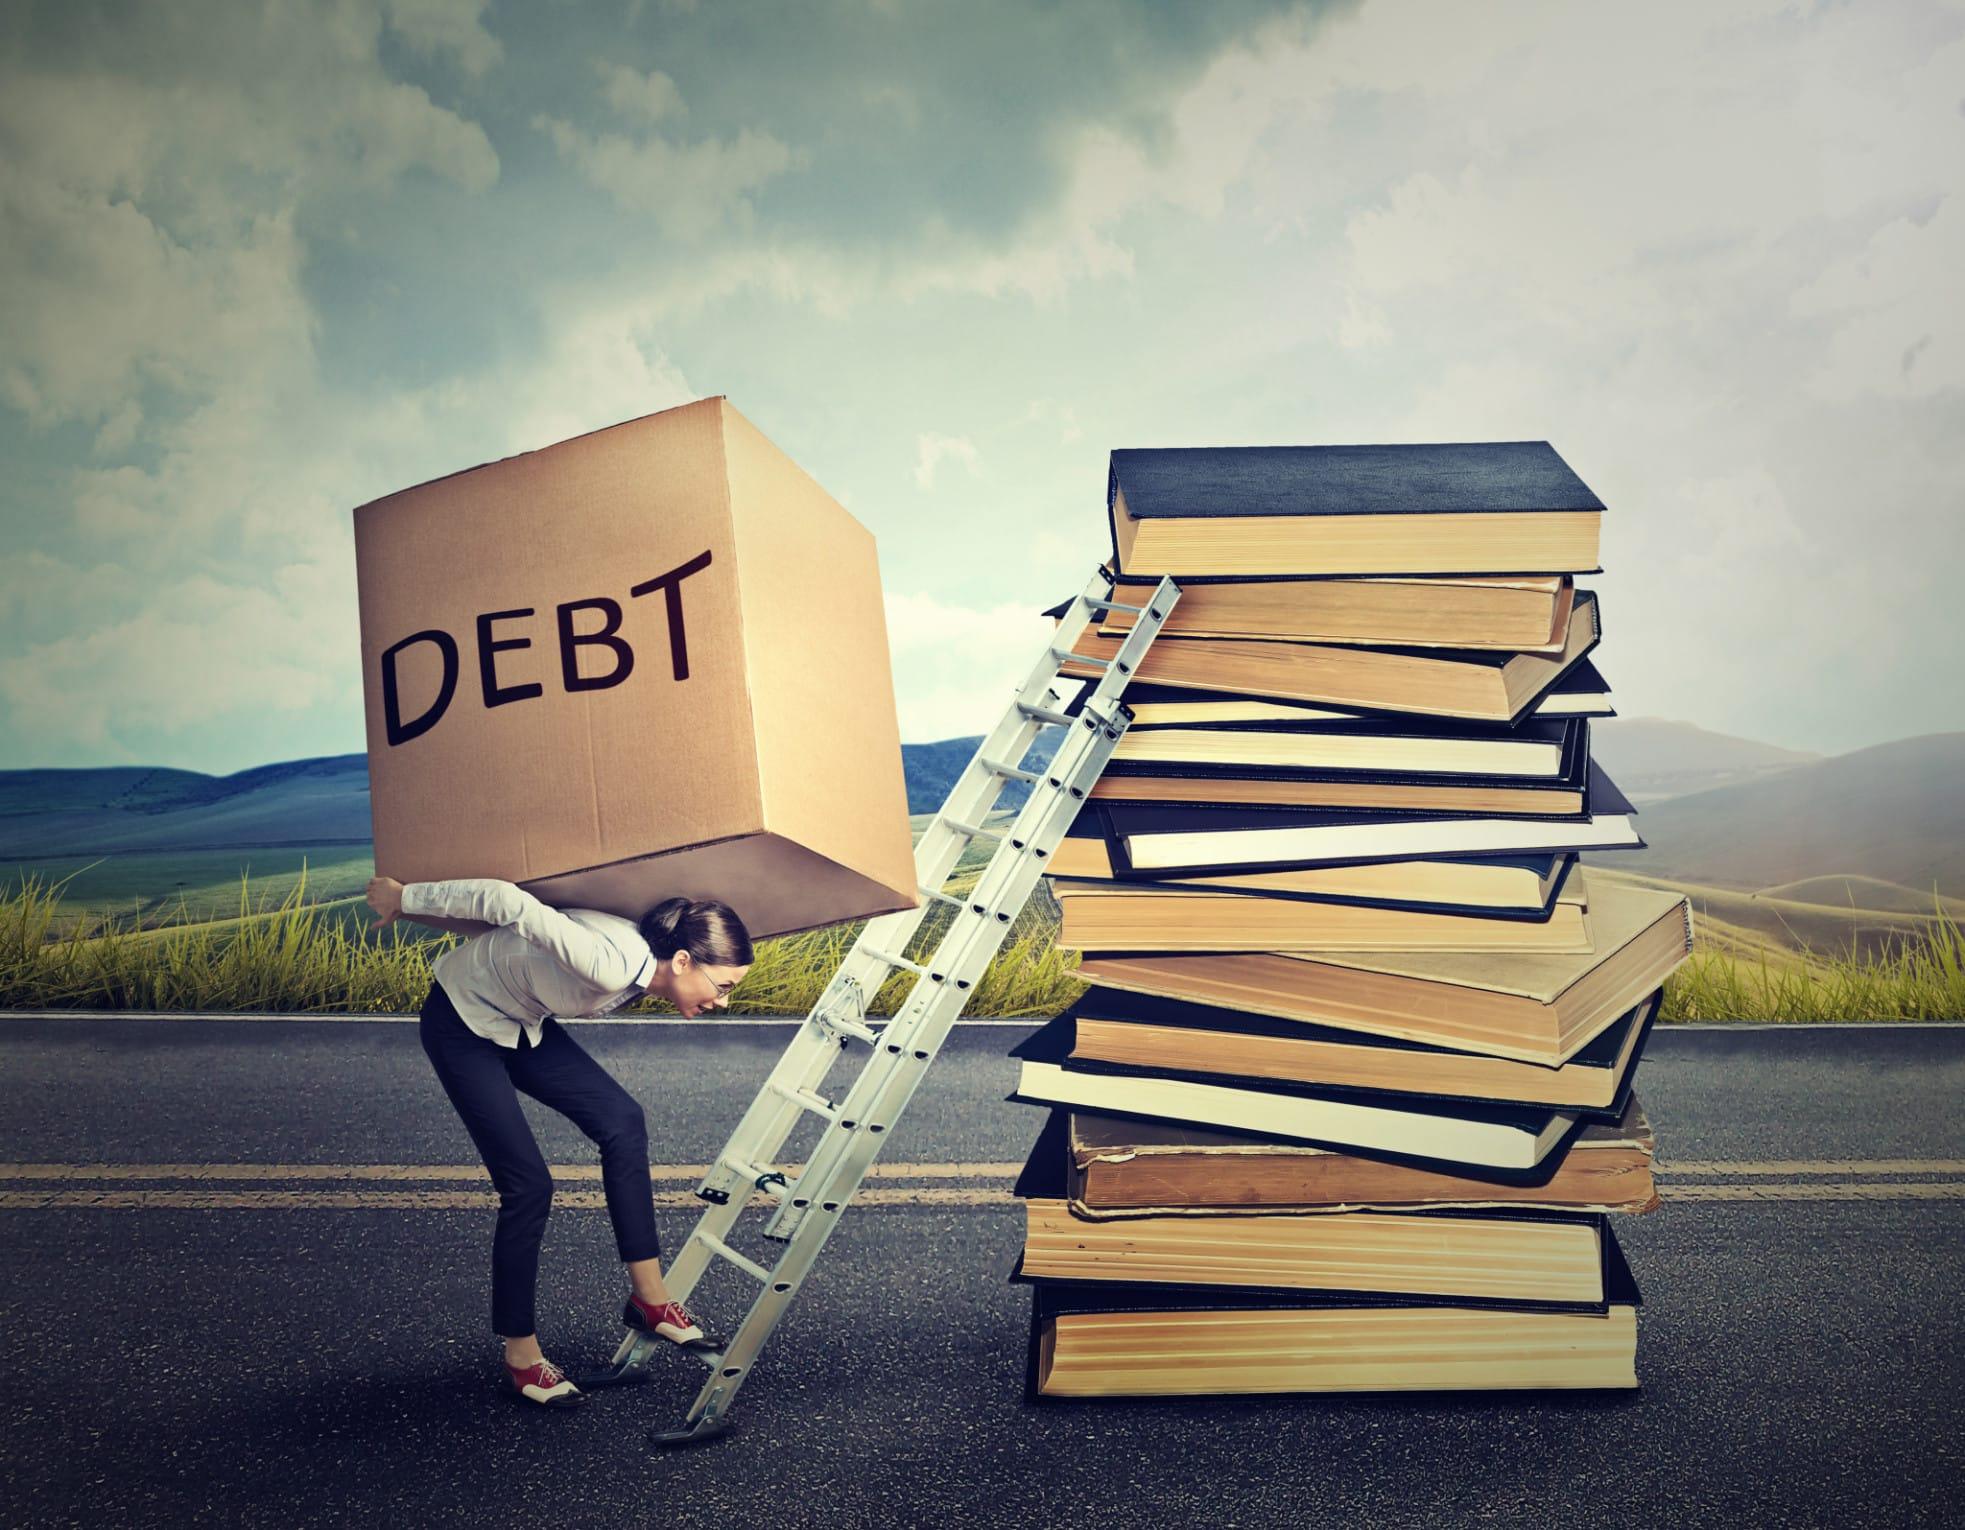 Expertos advierten sobre planificar mejor las deudas de estudios